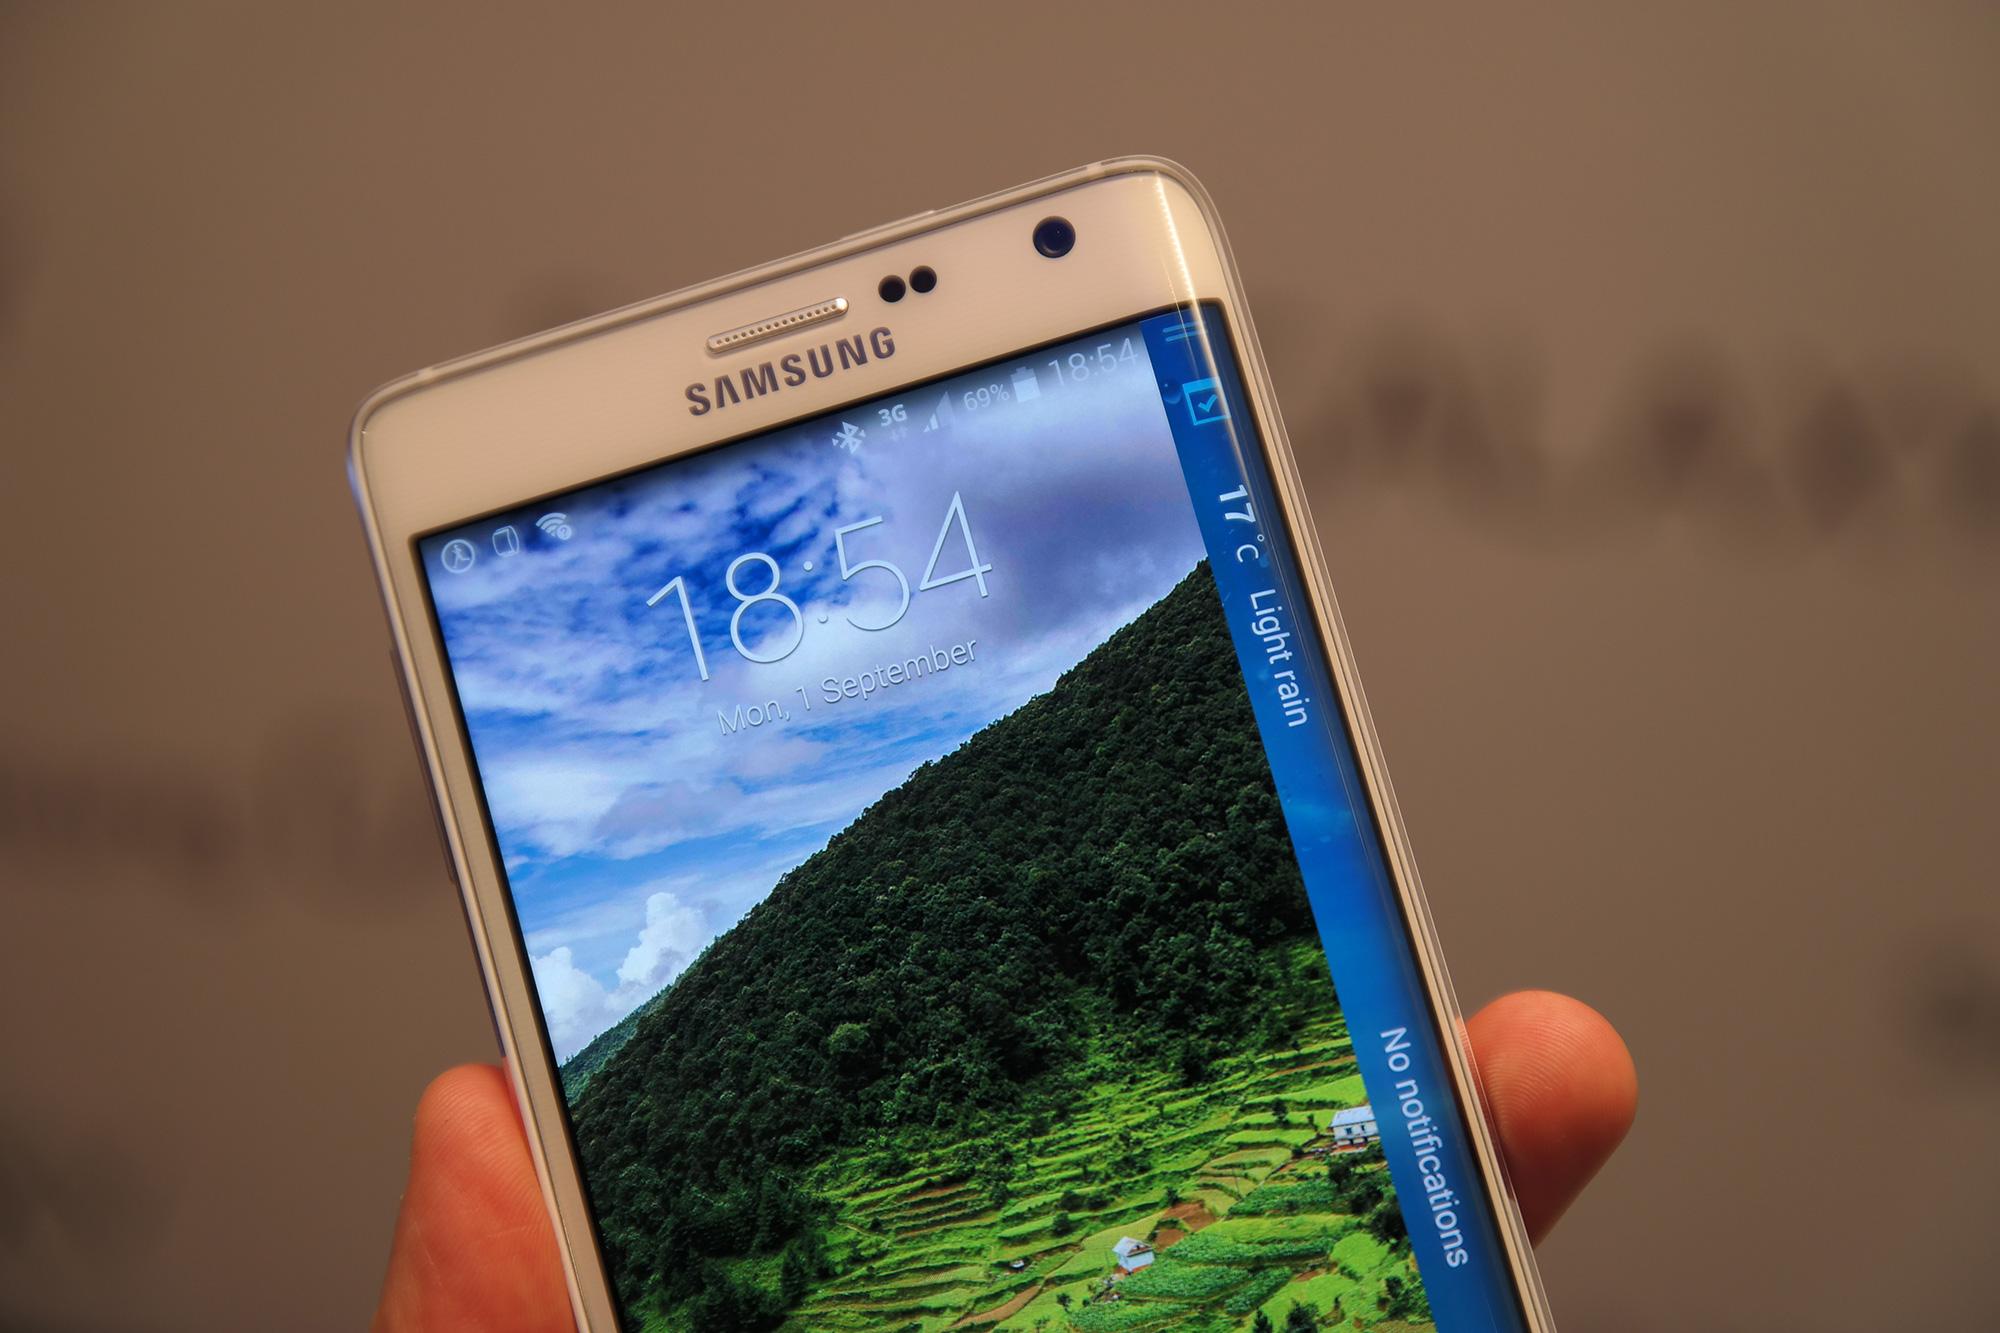 Samsung Galaxy Note Edge SM-N915 Hands-On deutsch